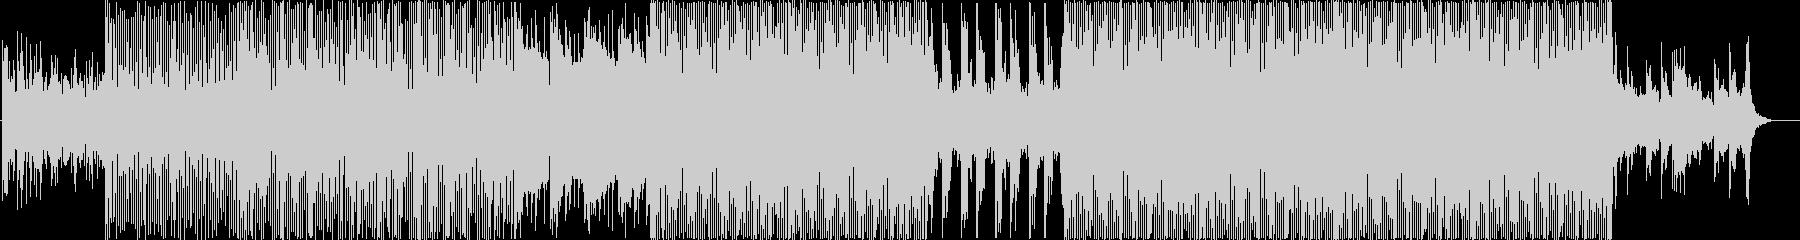 無機質なイメージのエレクトロニカ風BGMの未再生の波形